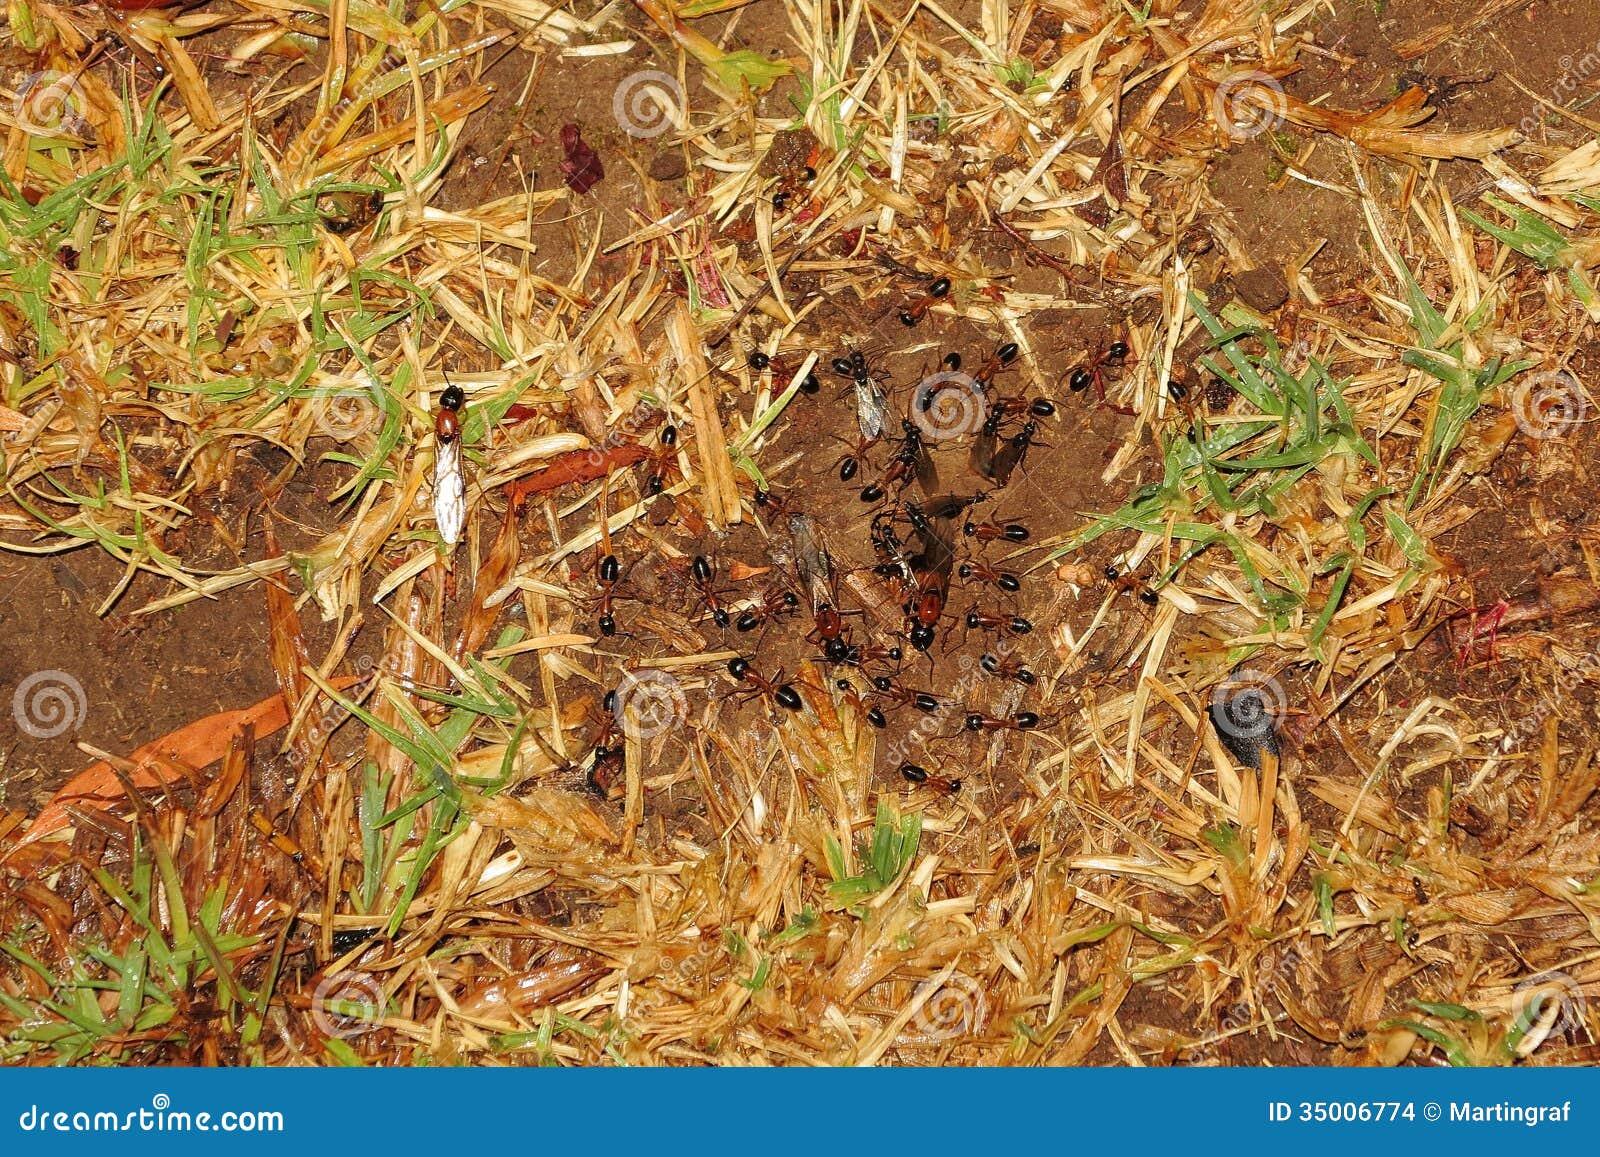 Ants nuptial flight